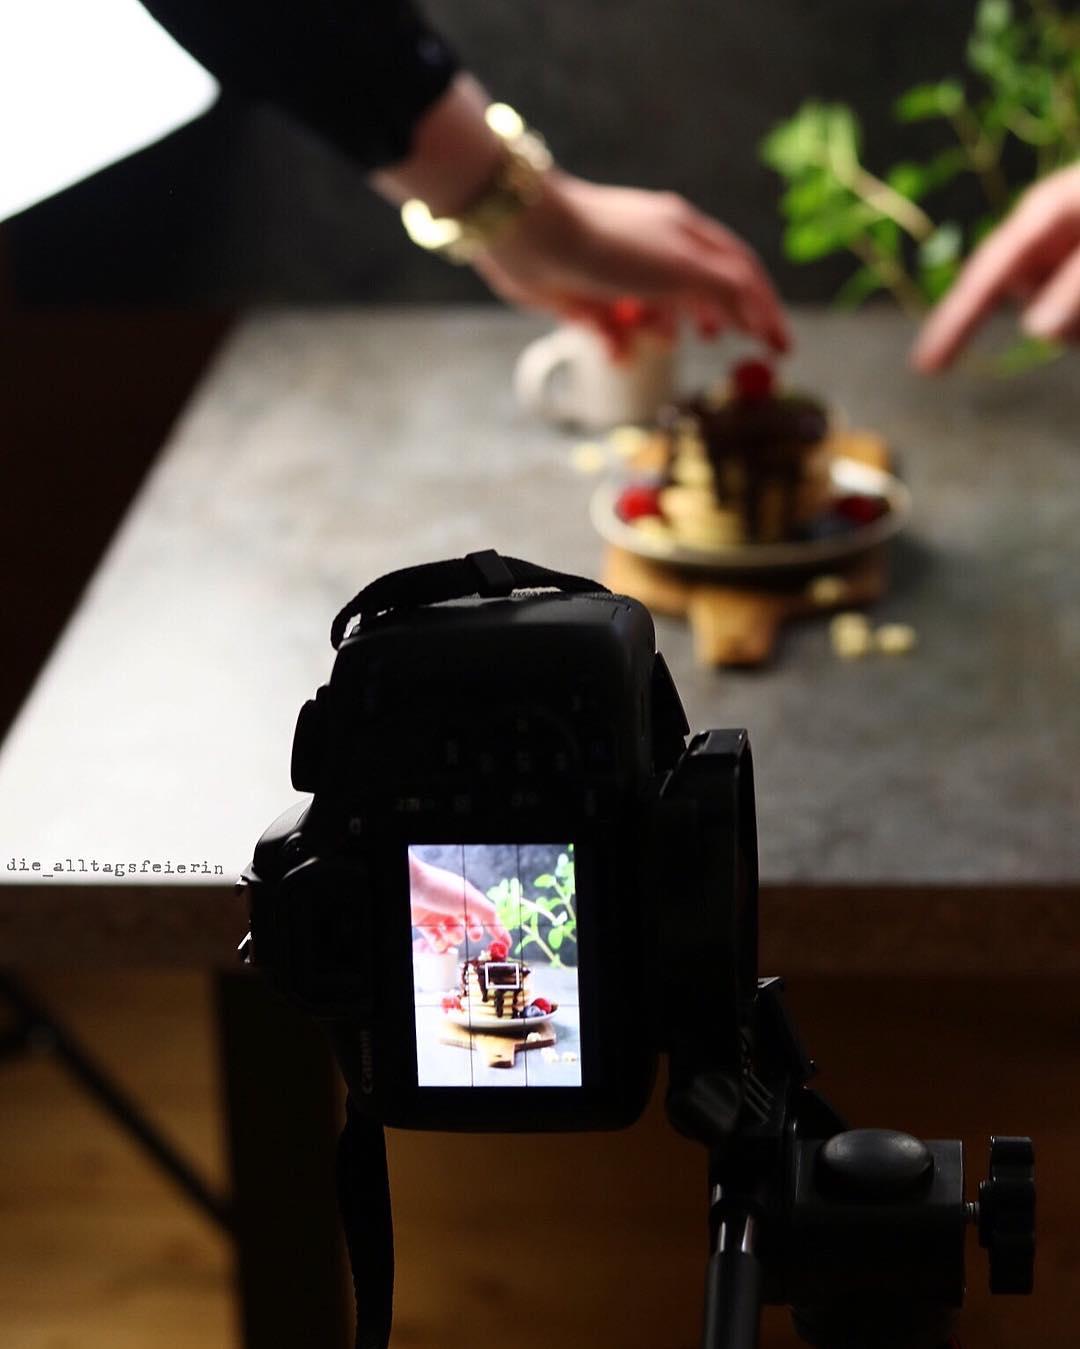 Wochenendfeierei No 02-20, Fotoatelier, Workshop Foodfotografie, Setstyling